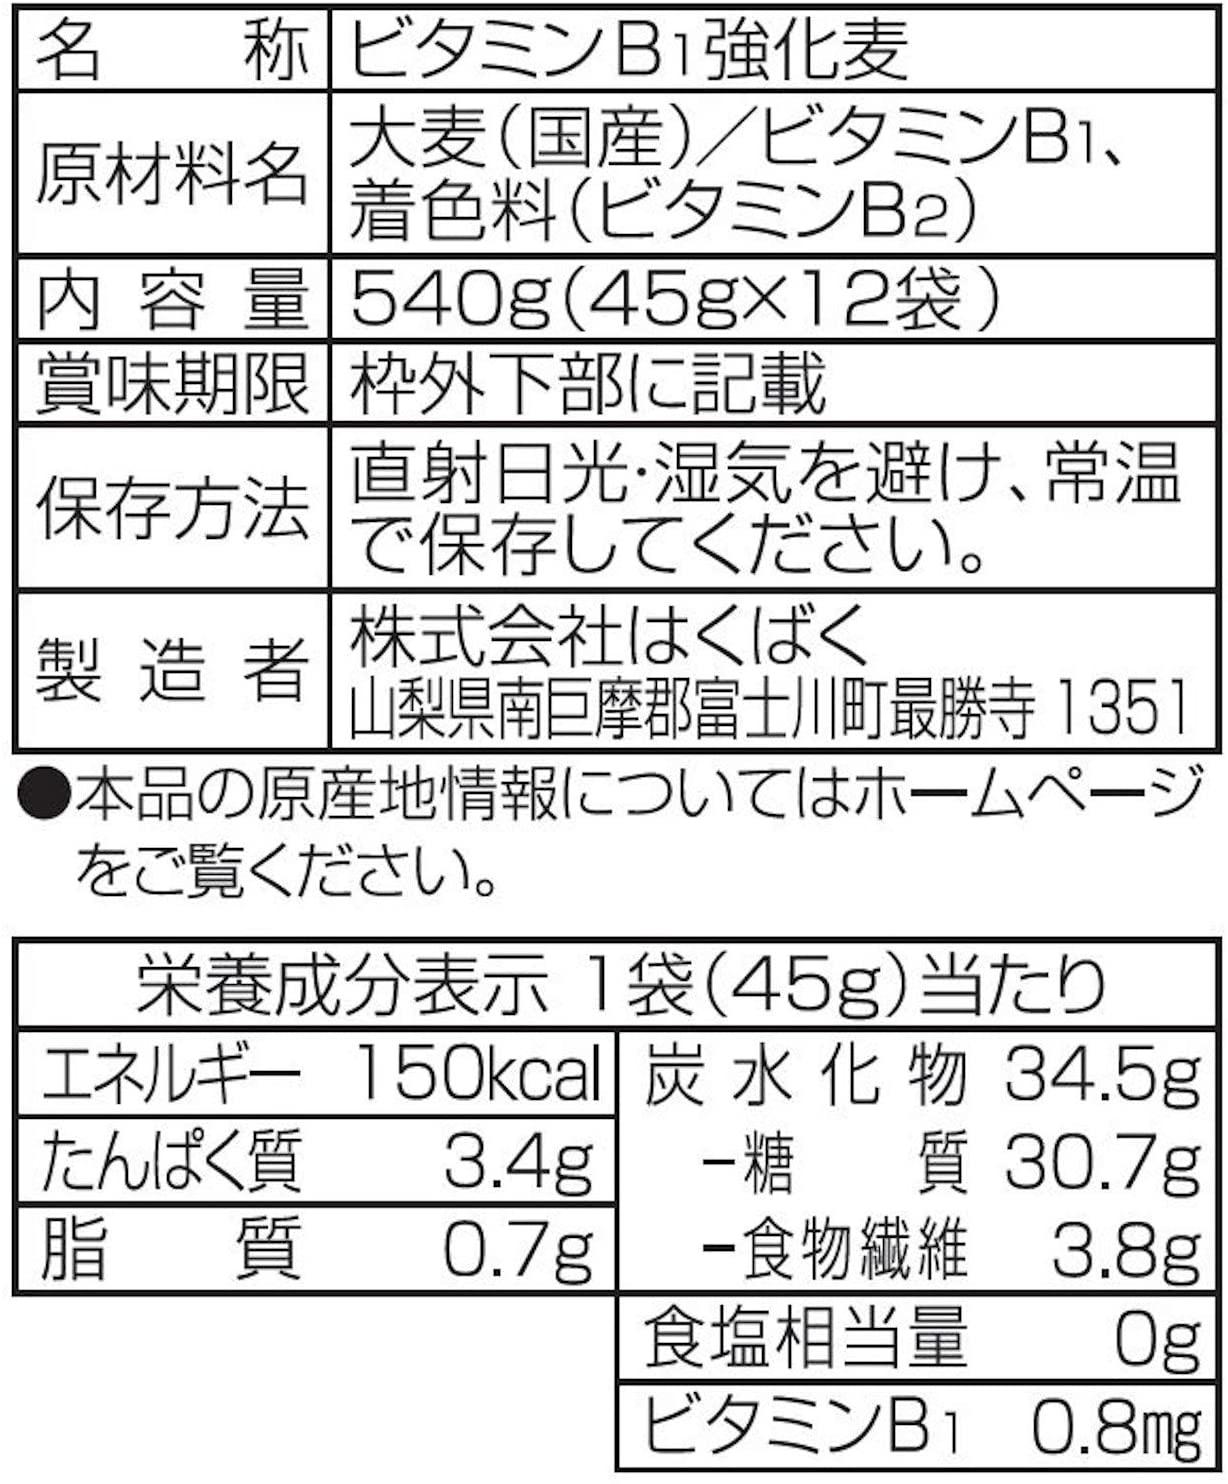 ビタバァレーSP 540g(45g×12)×6袋